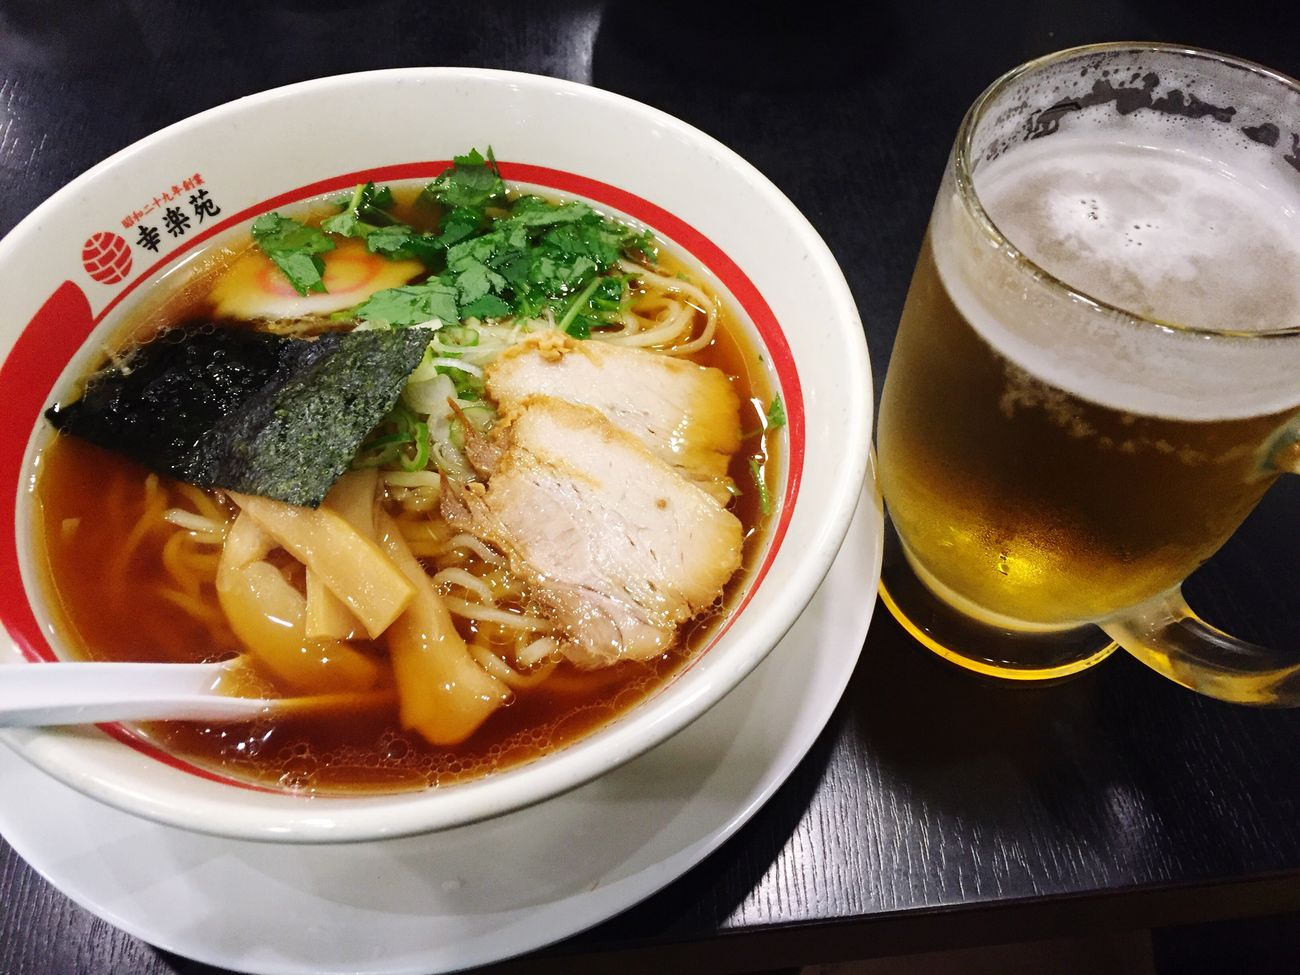 中華ラーメンと麦酒 頂き 麦酒 ラーメン Beer